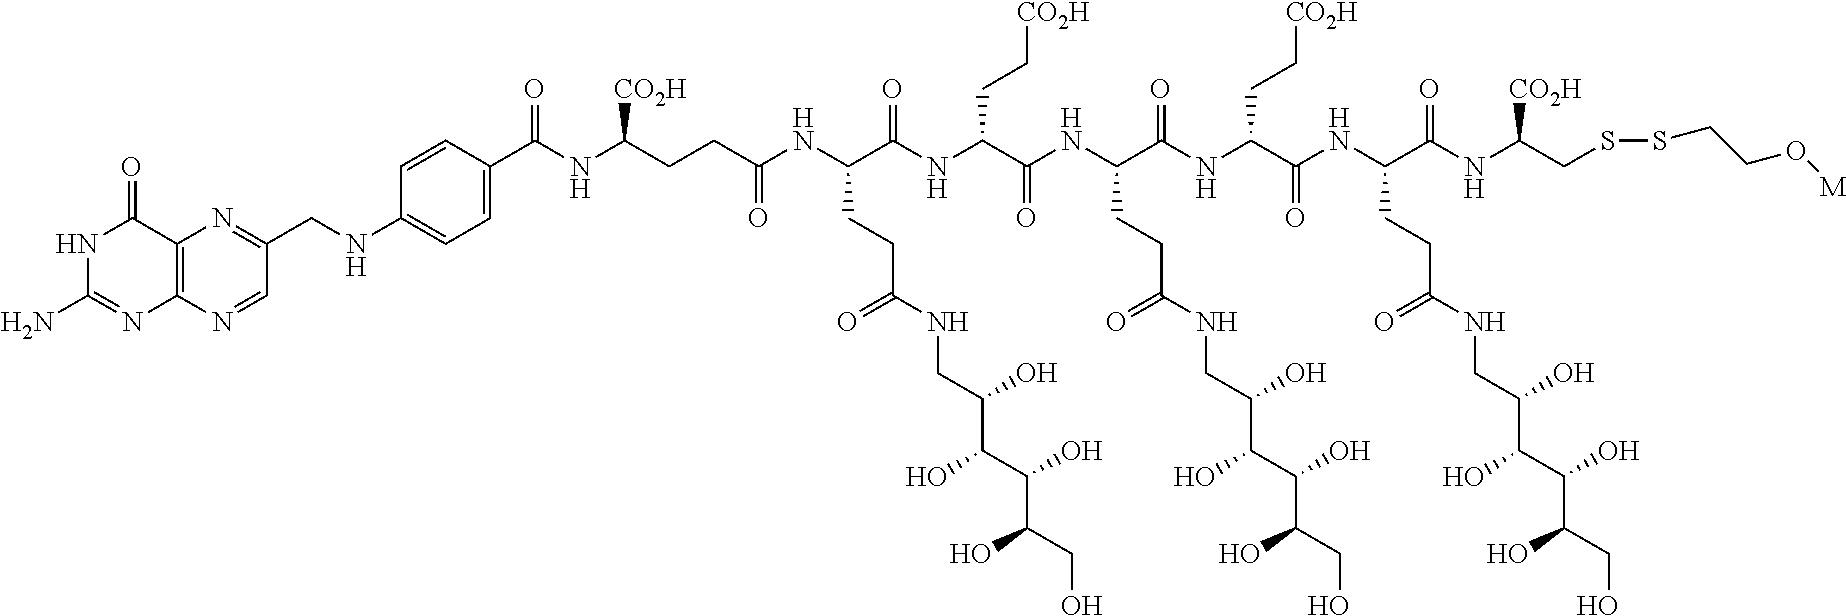 Figure US09662402-20170530-C00031